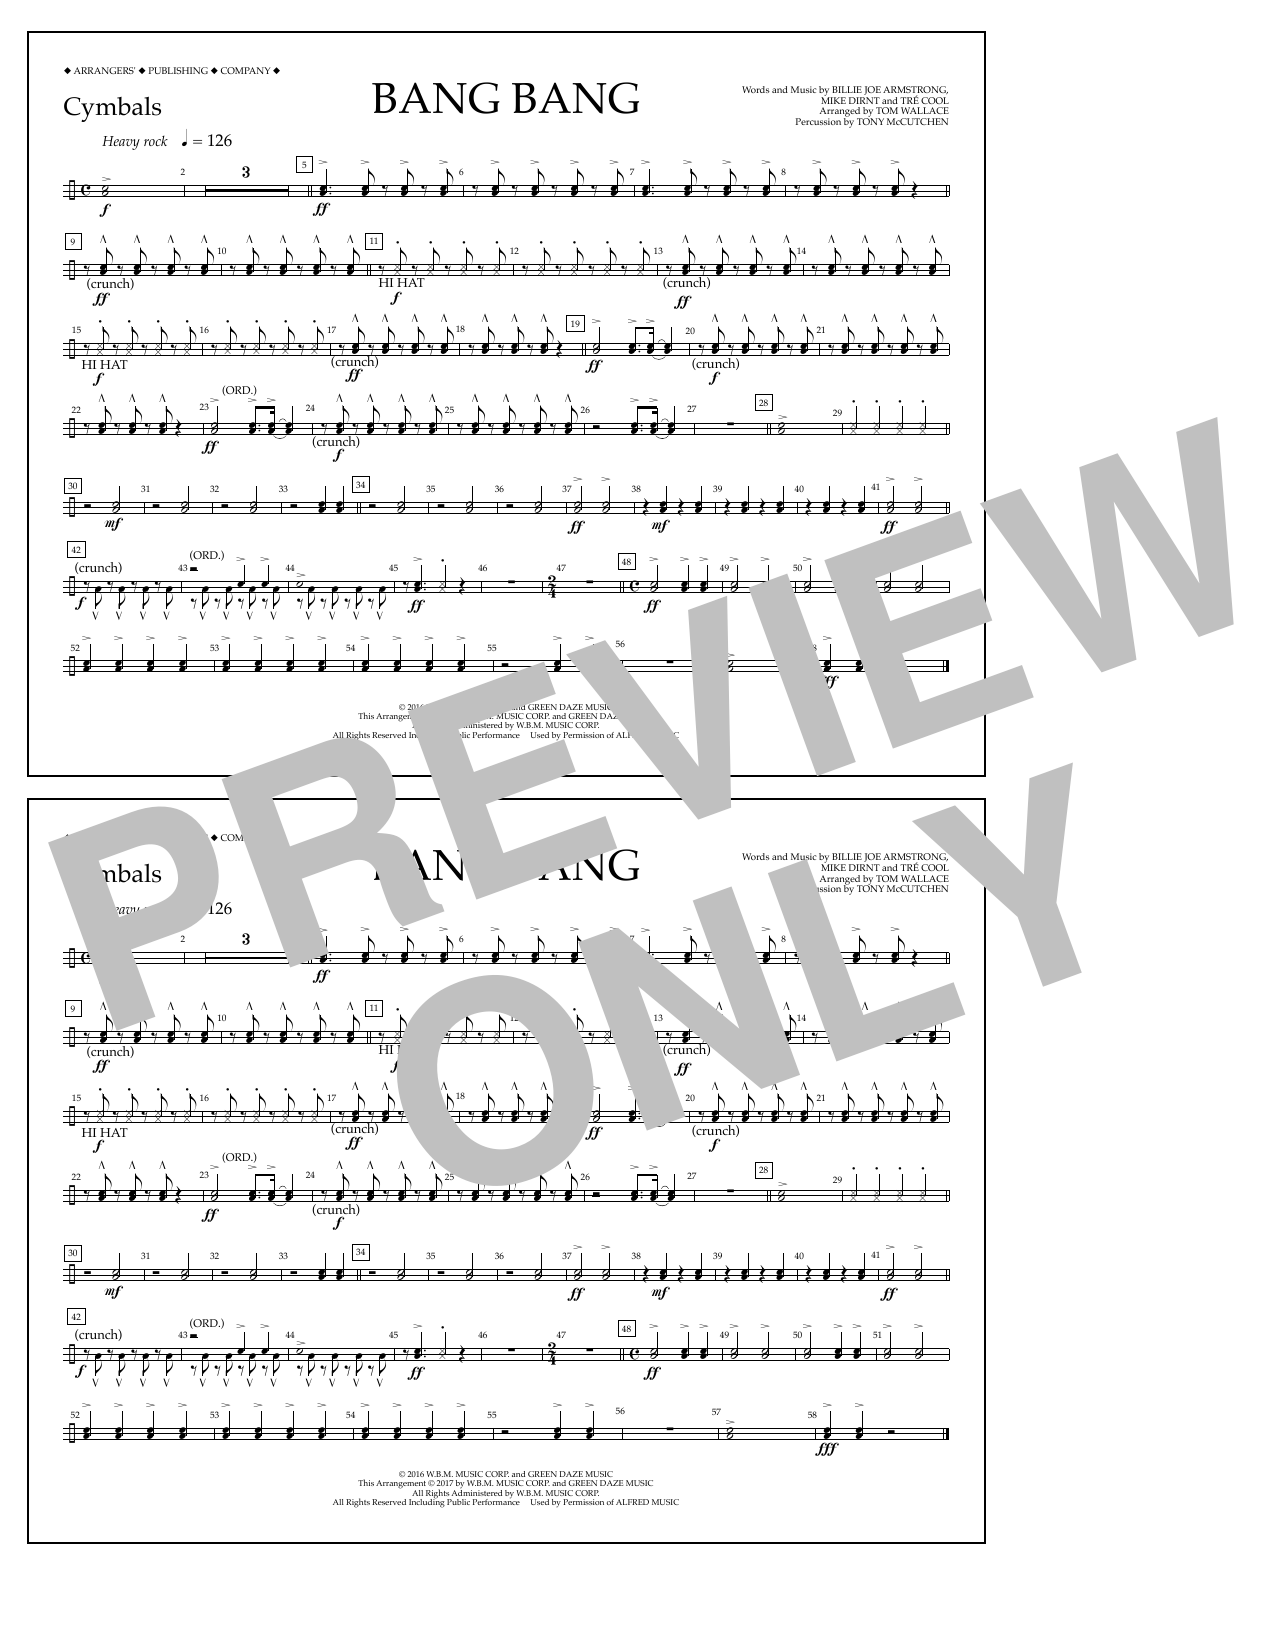 Bang Bang - Cymbals Sheet Music